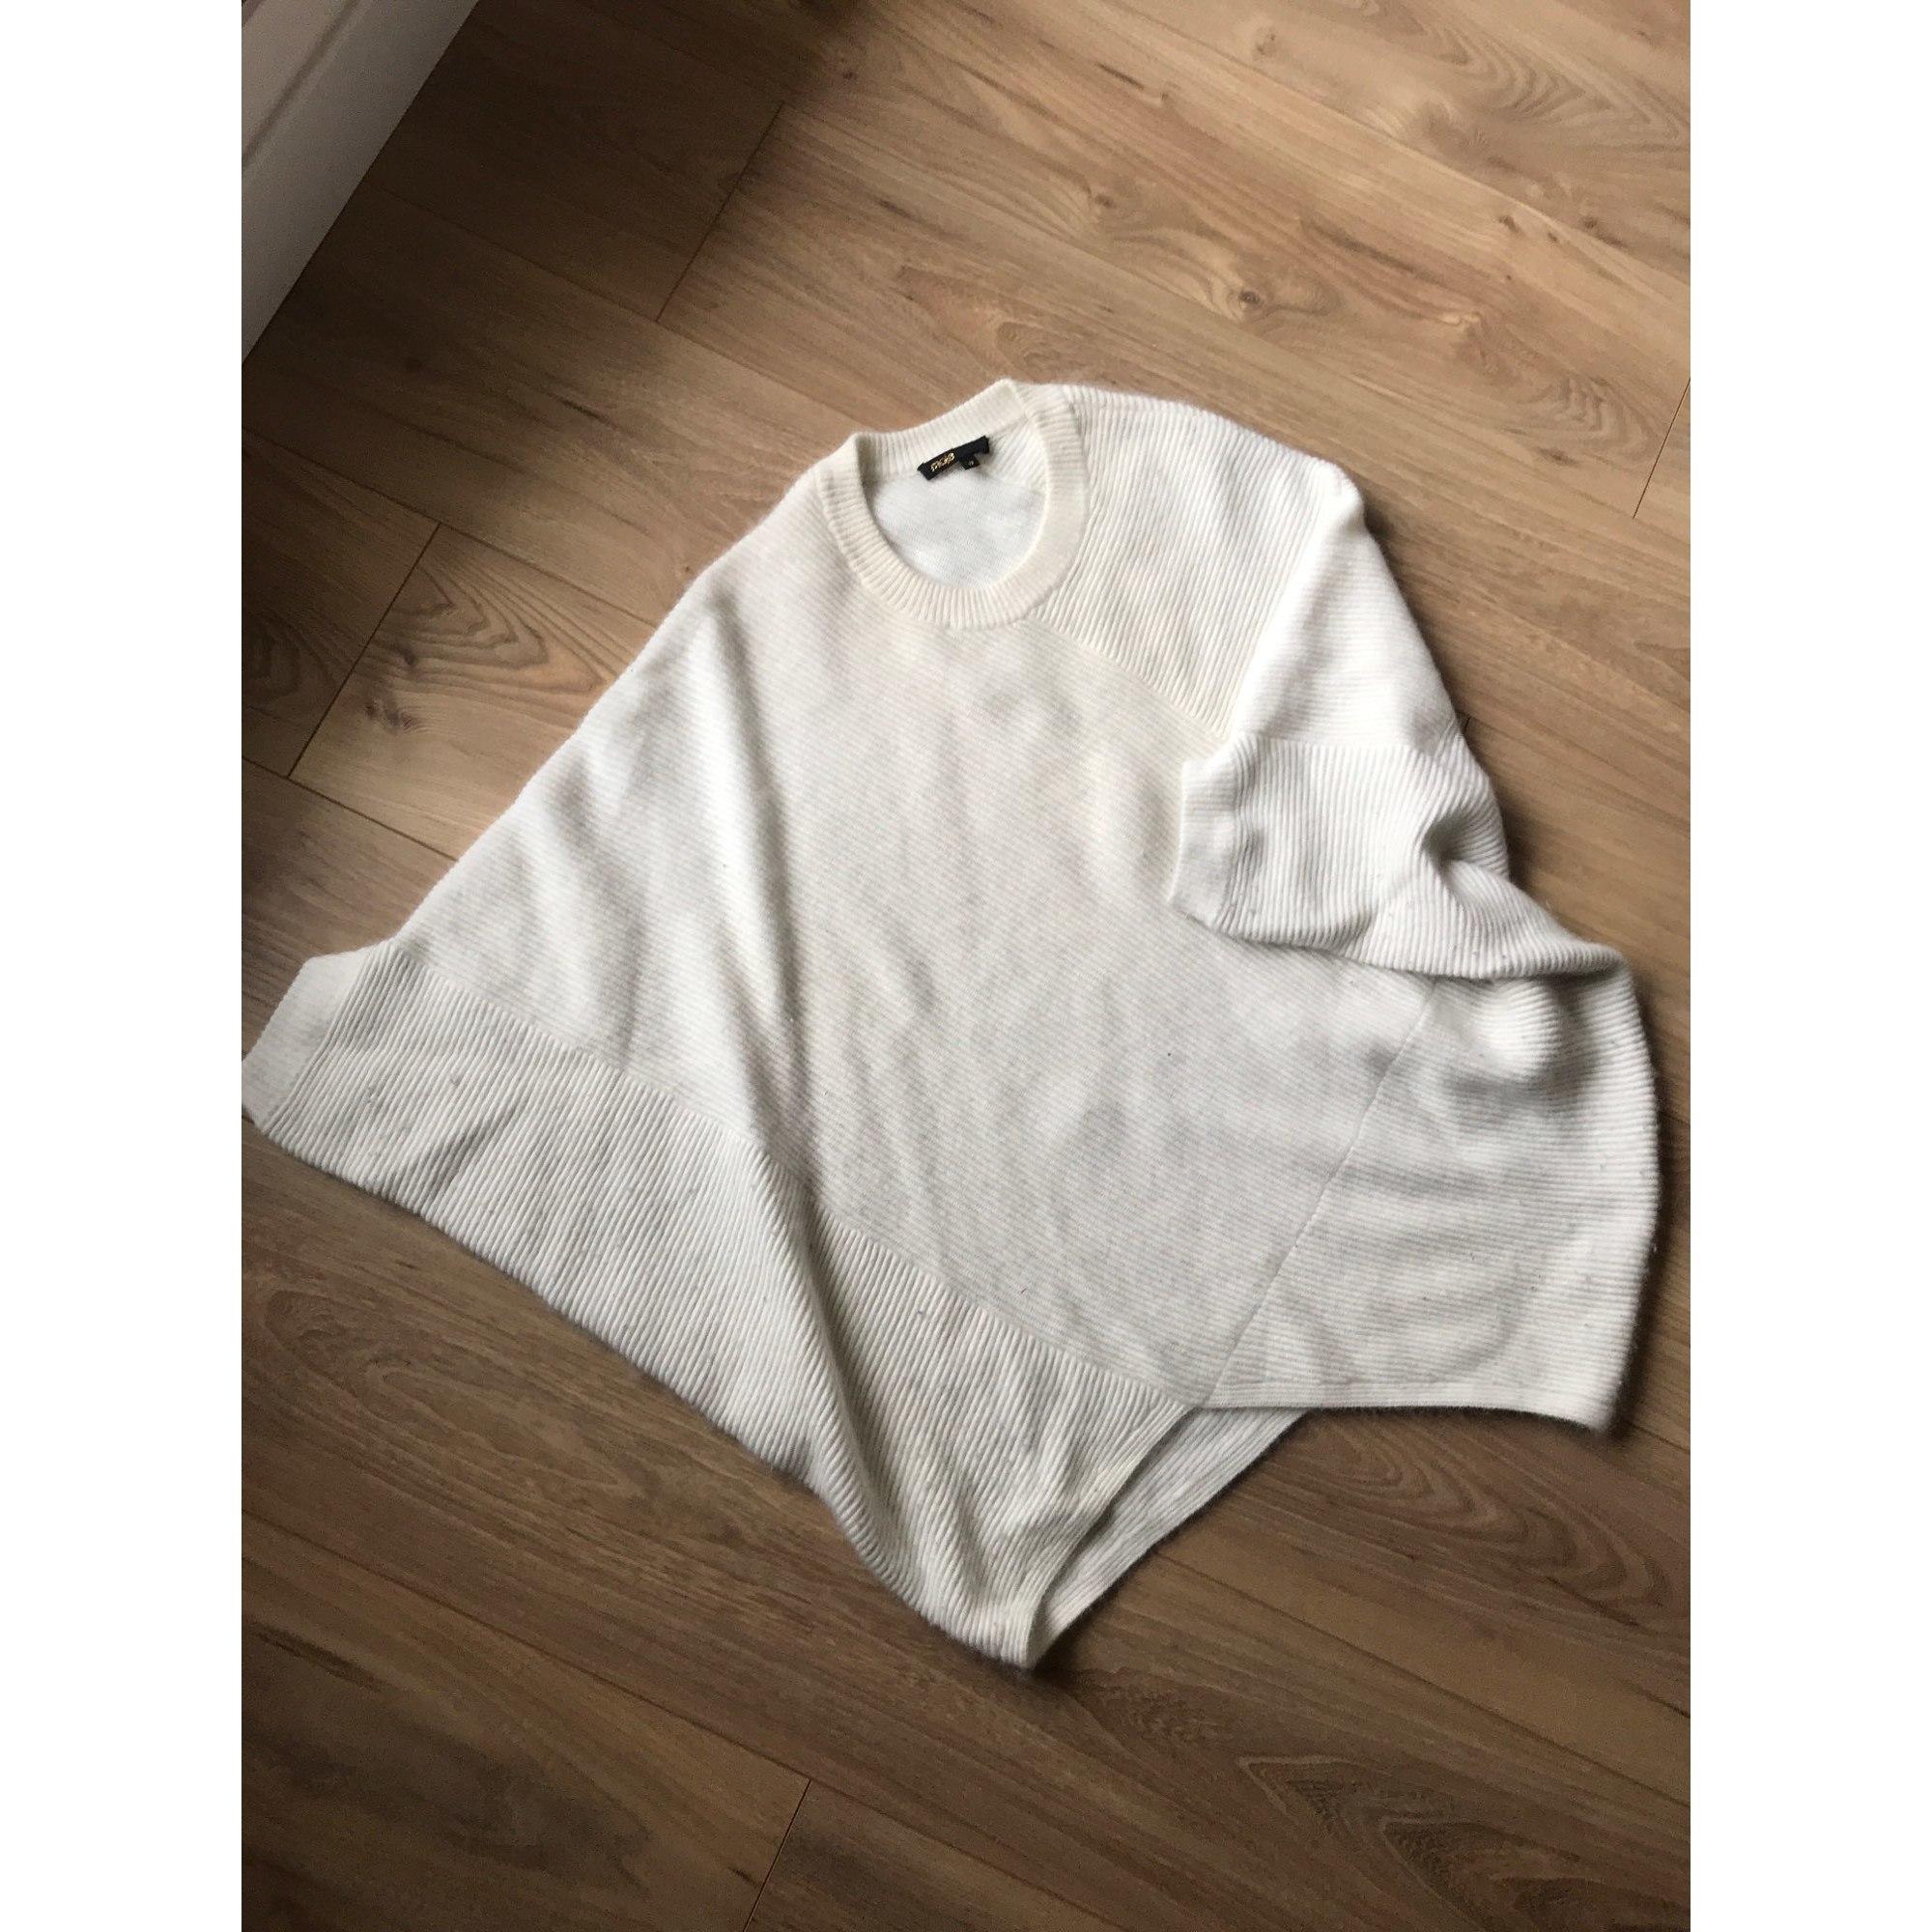 Pull MAJE Blanc, blanc cassé, écru